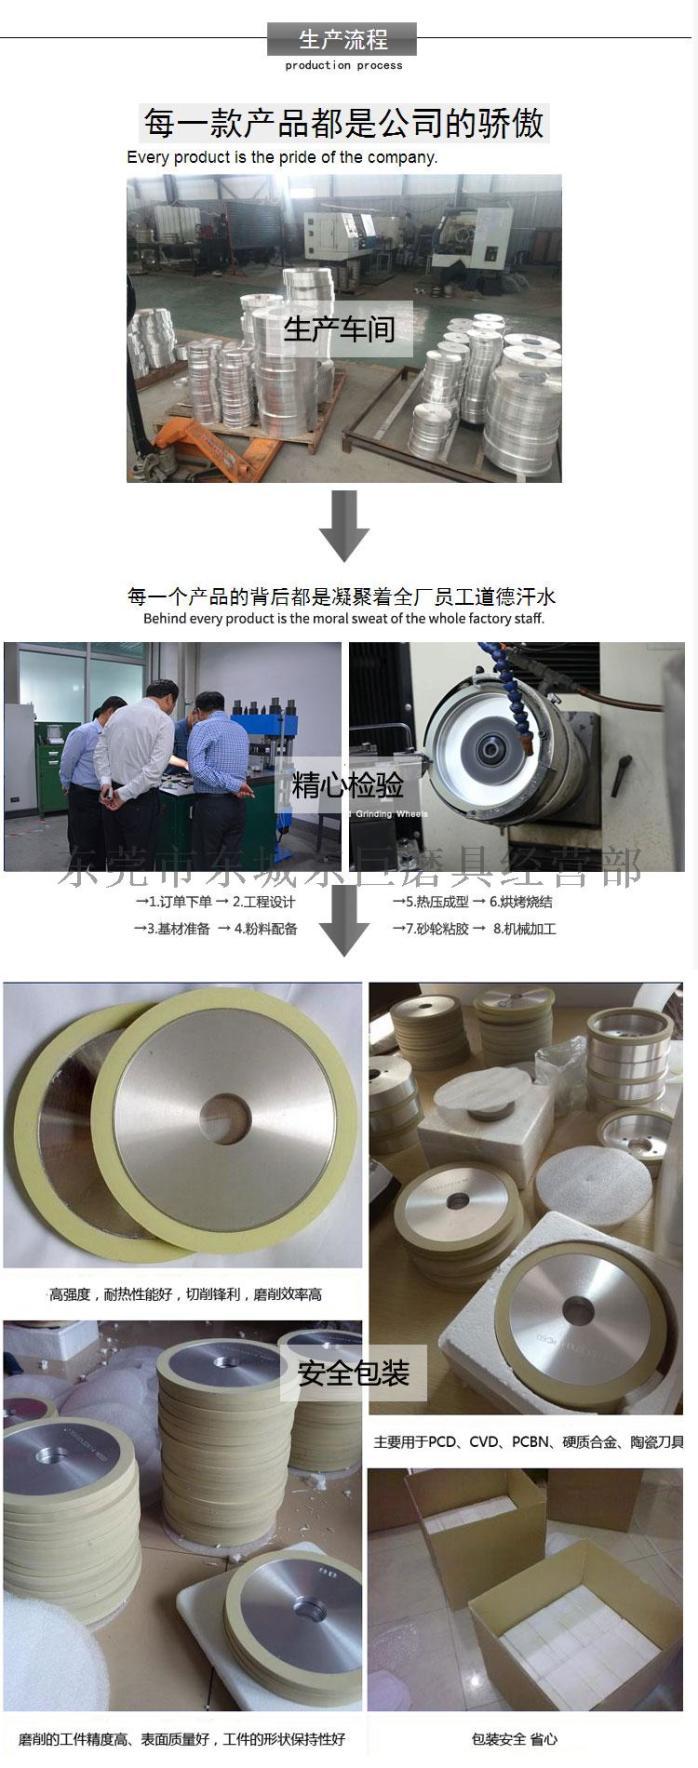 10陶瓷砂輪生產流程-.jpg